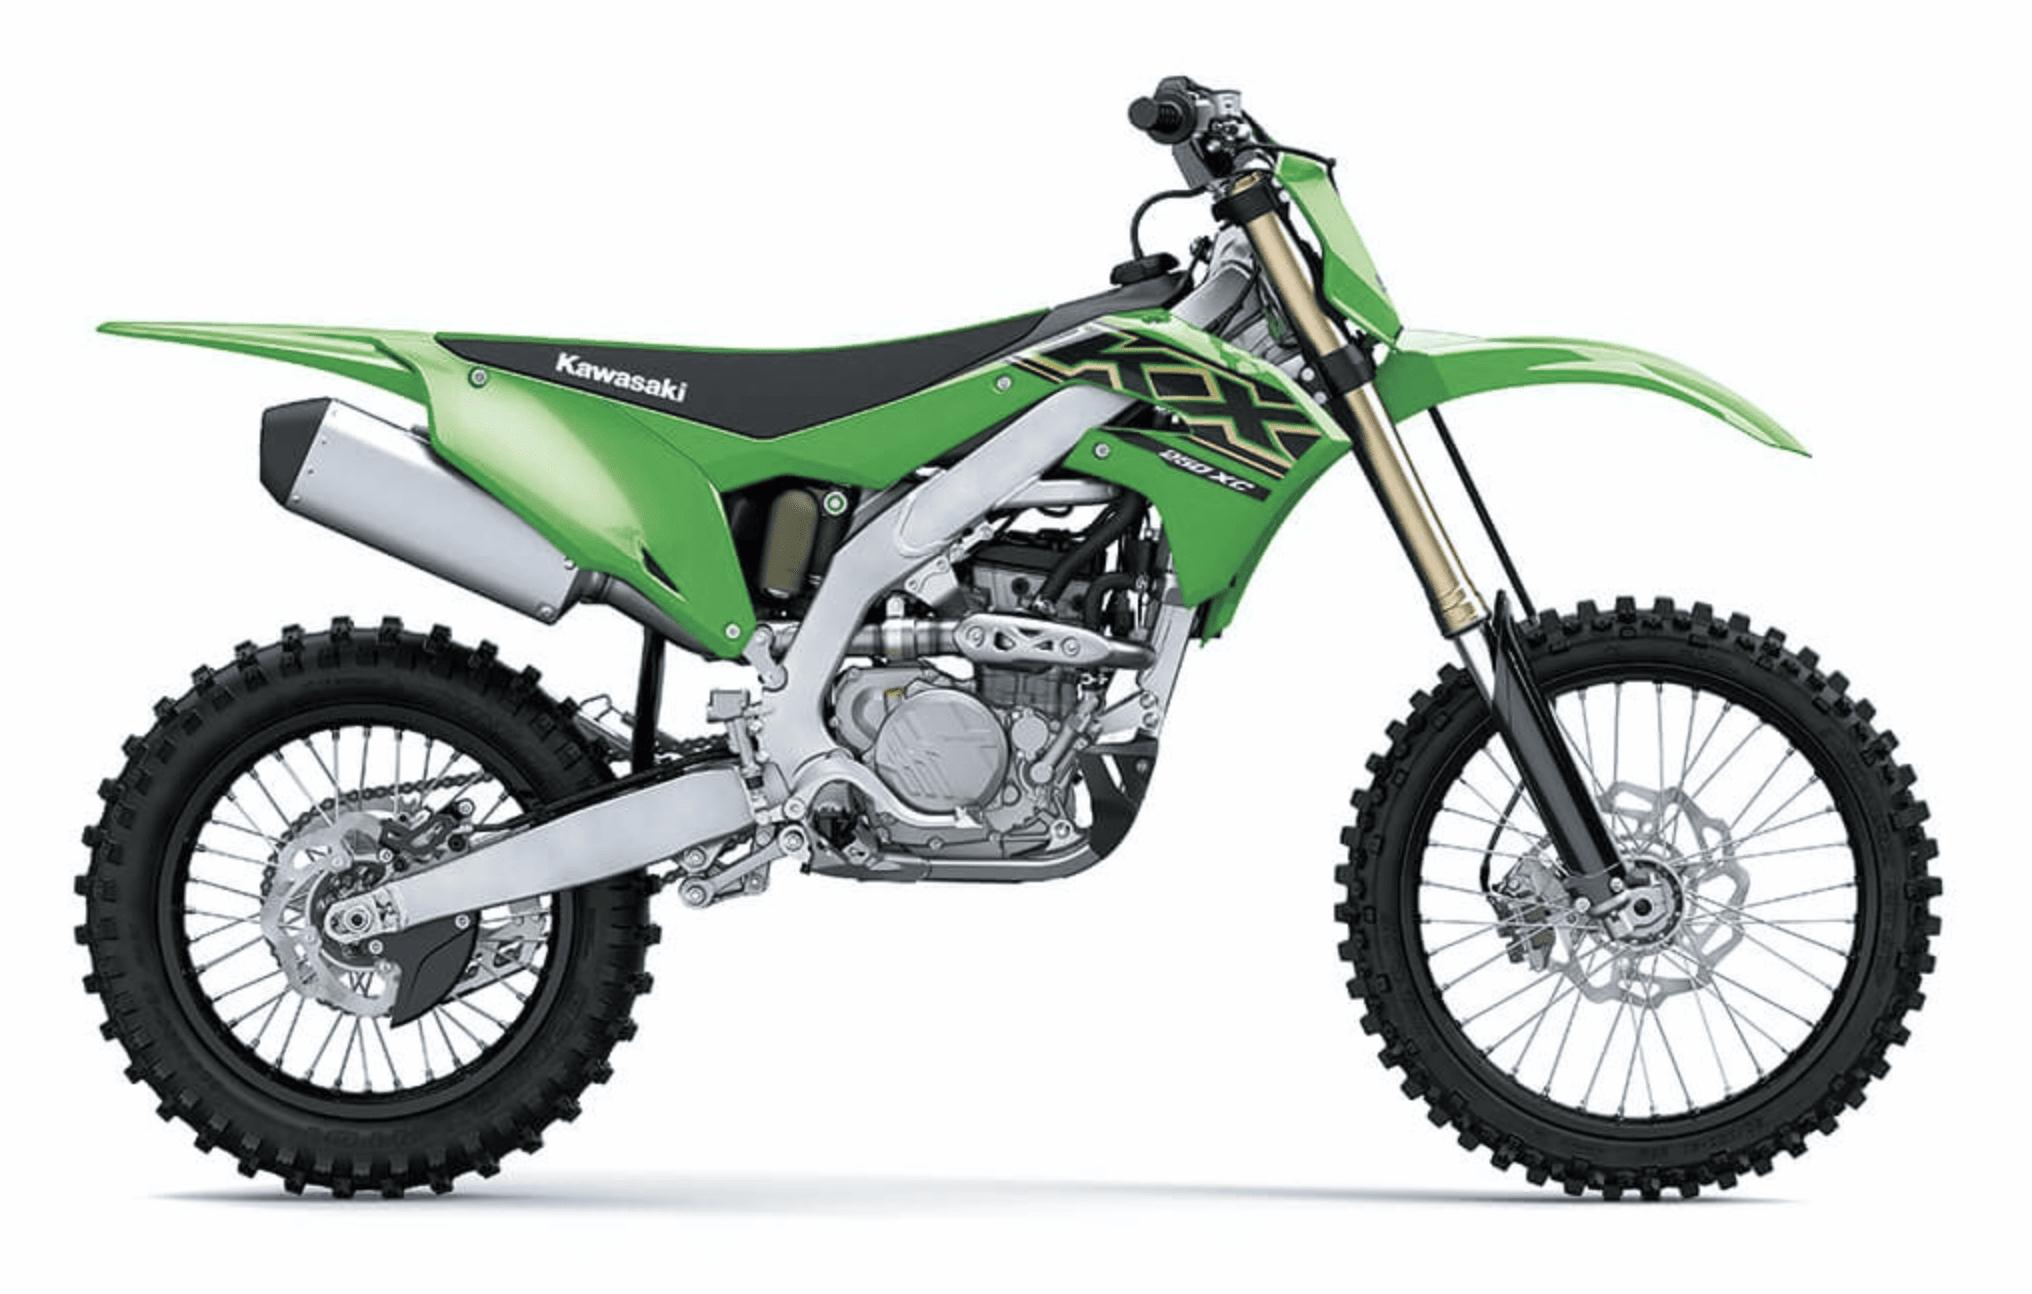 Kawasaki XC models